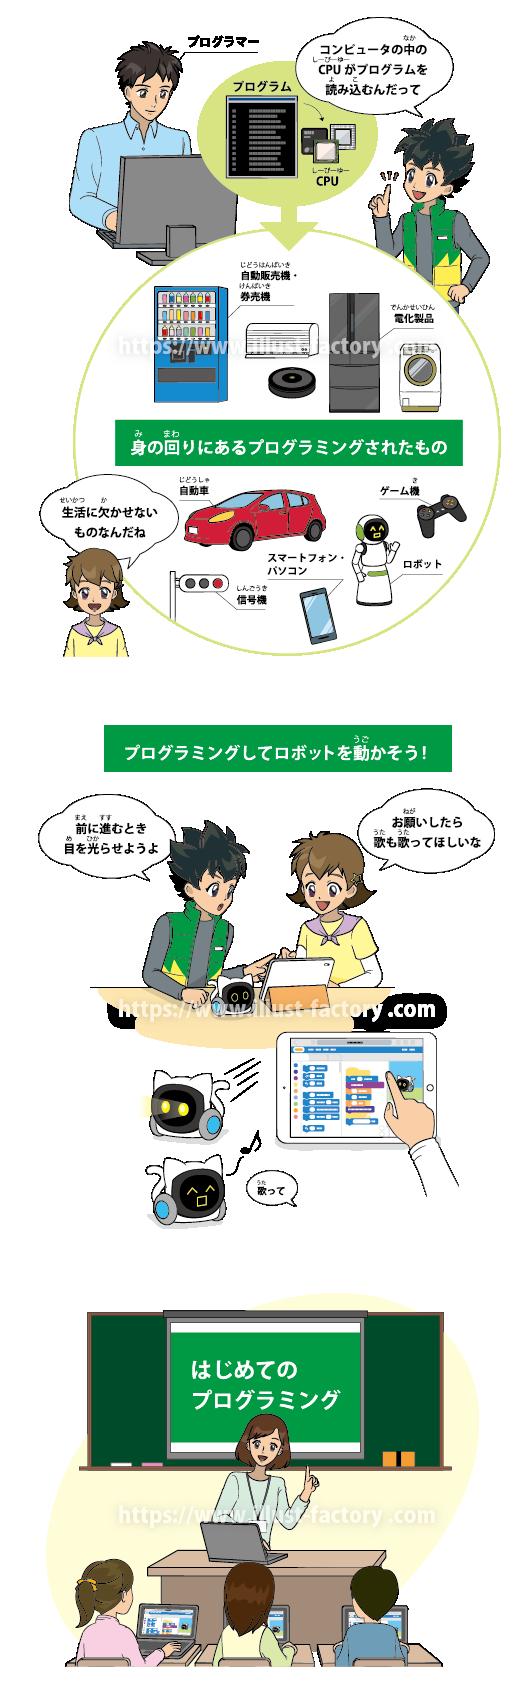 漫画アニメ系タッチ プログラミング教材子供向けイラスト G501